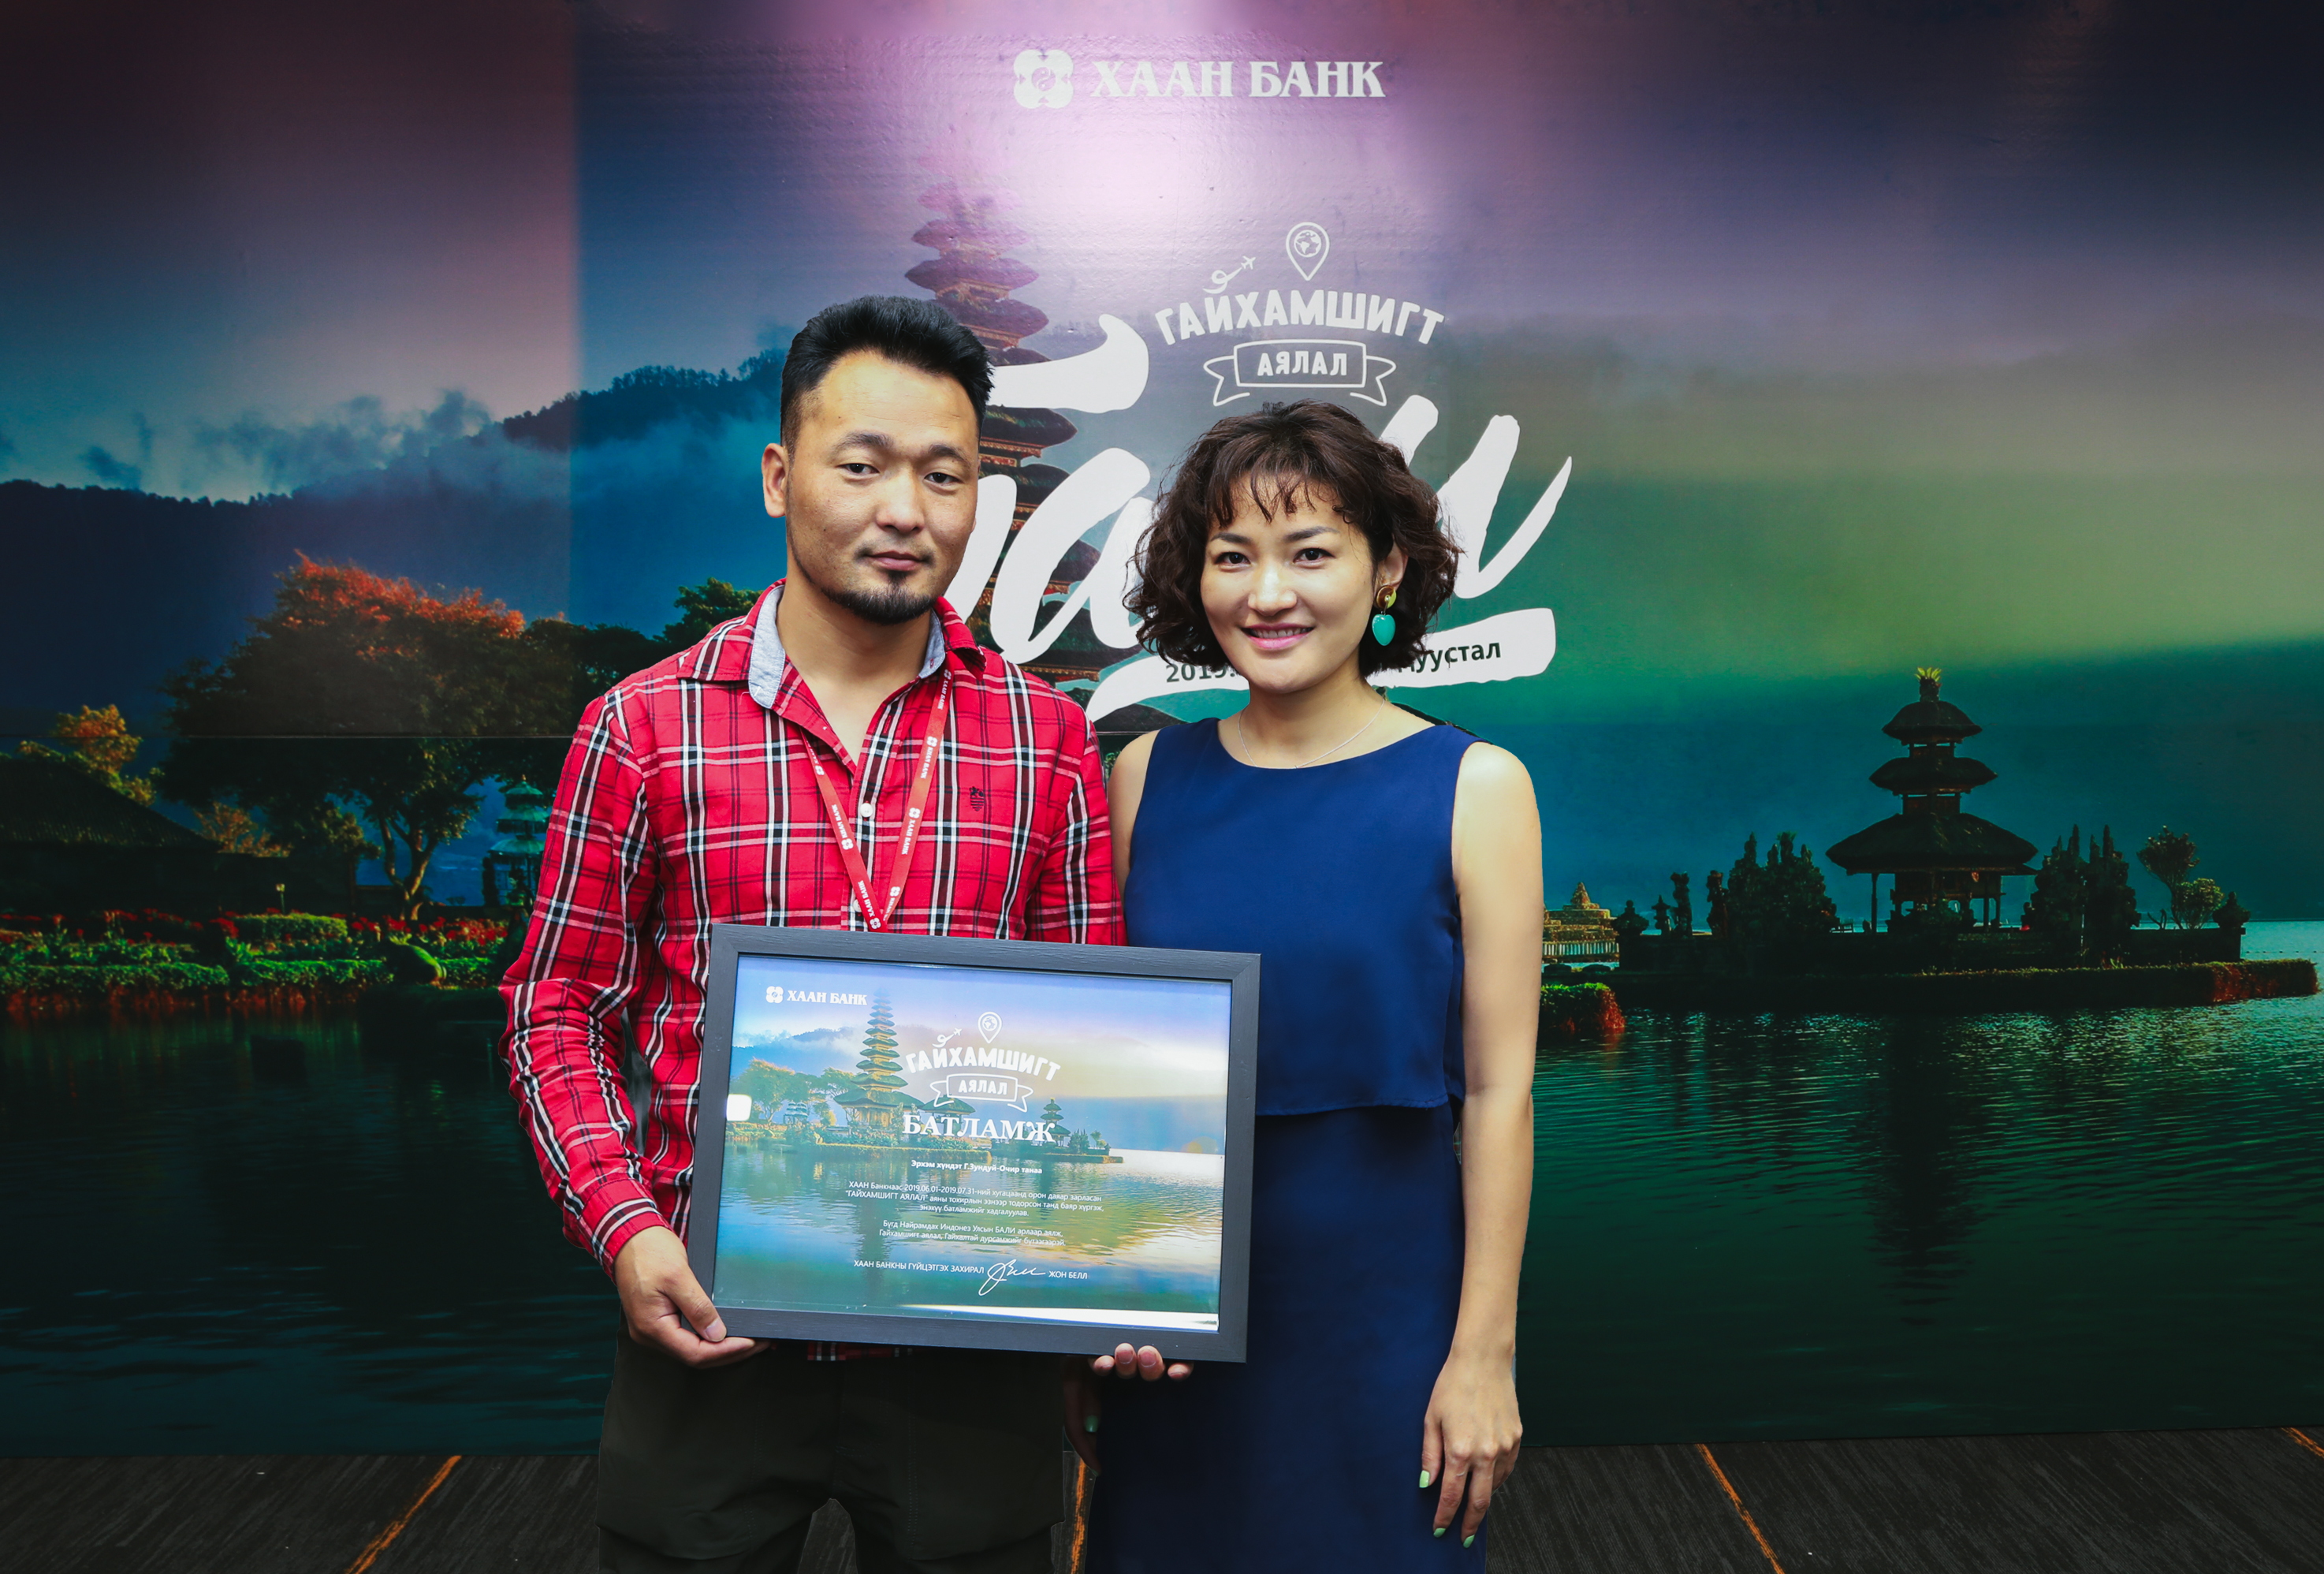 """3K5A7944 """"Гайхамшигт аялал"""" аяны эхний 5 тохирлын эзэд Бали арлаар аялах батламжаа авлаа"""